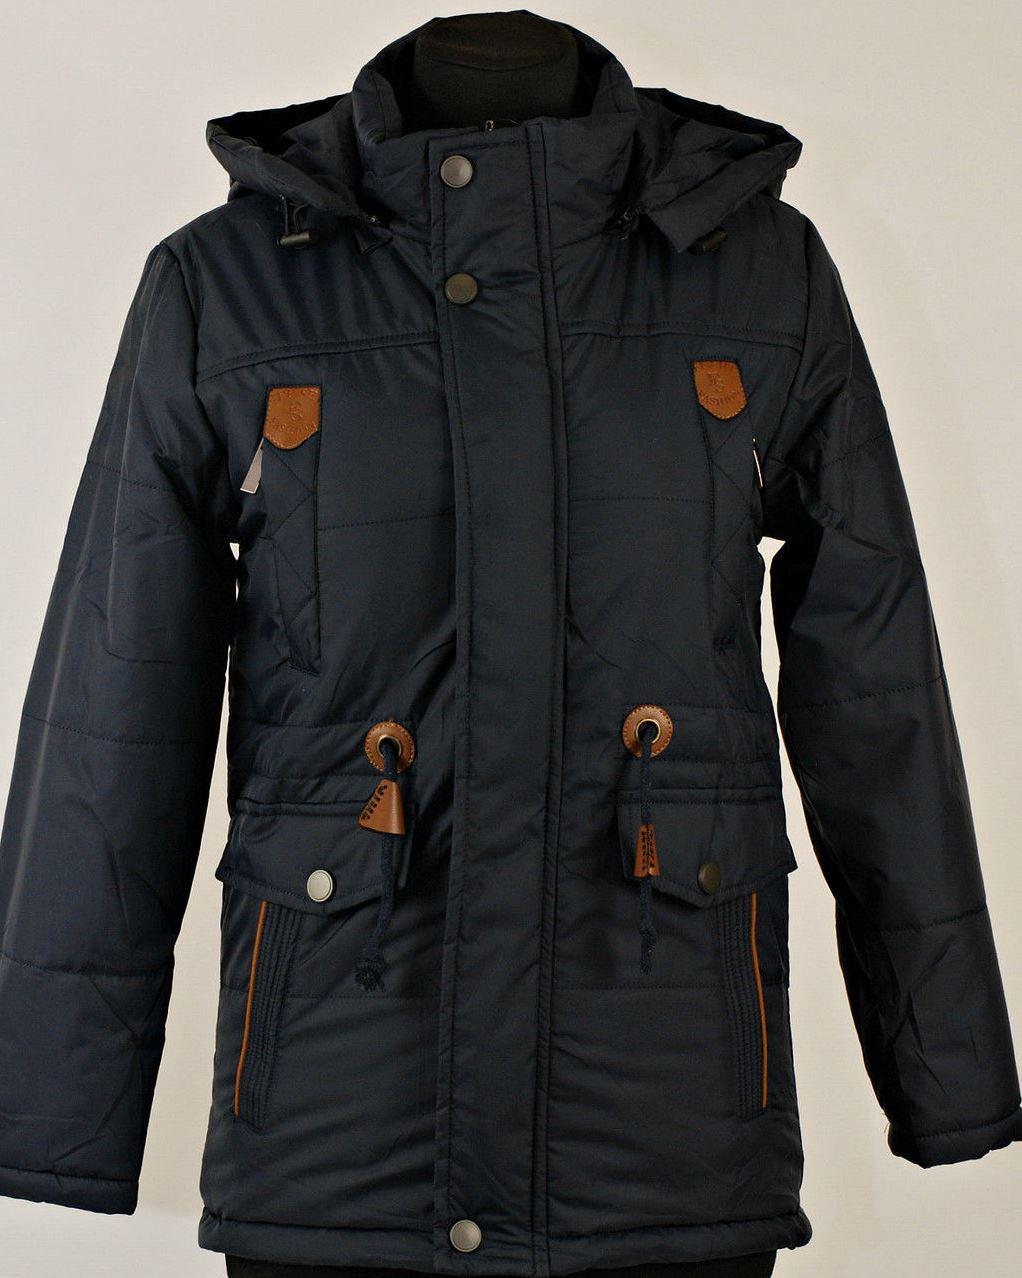 ... Куртки подростковые для мальчиков весенние 5 345129da17a